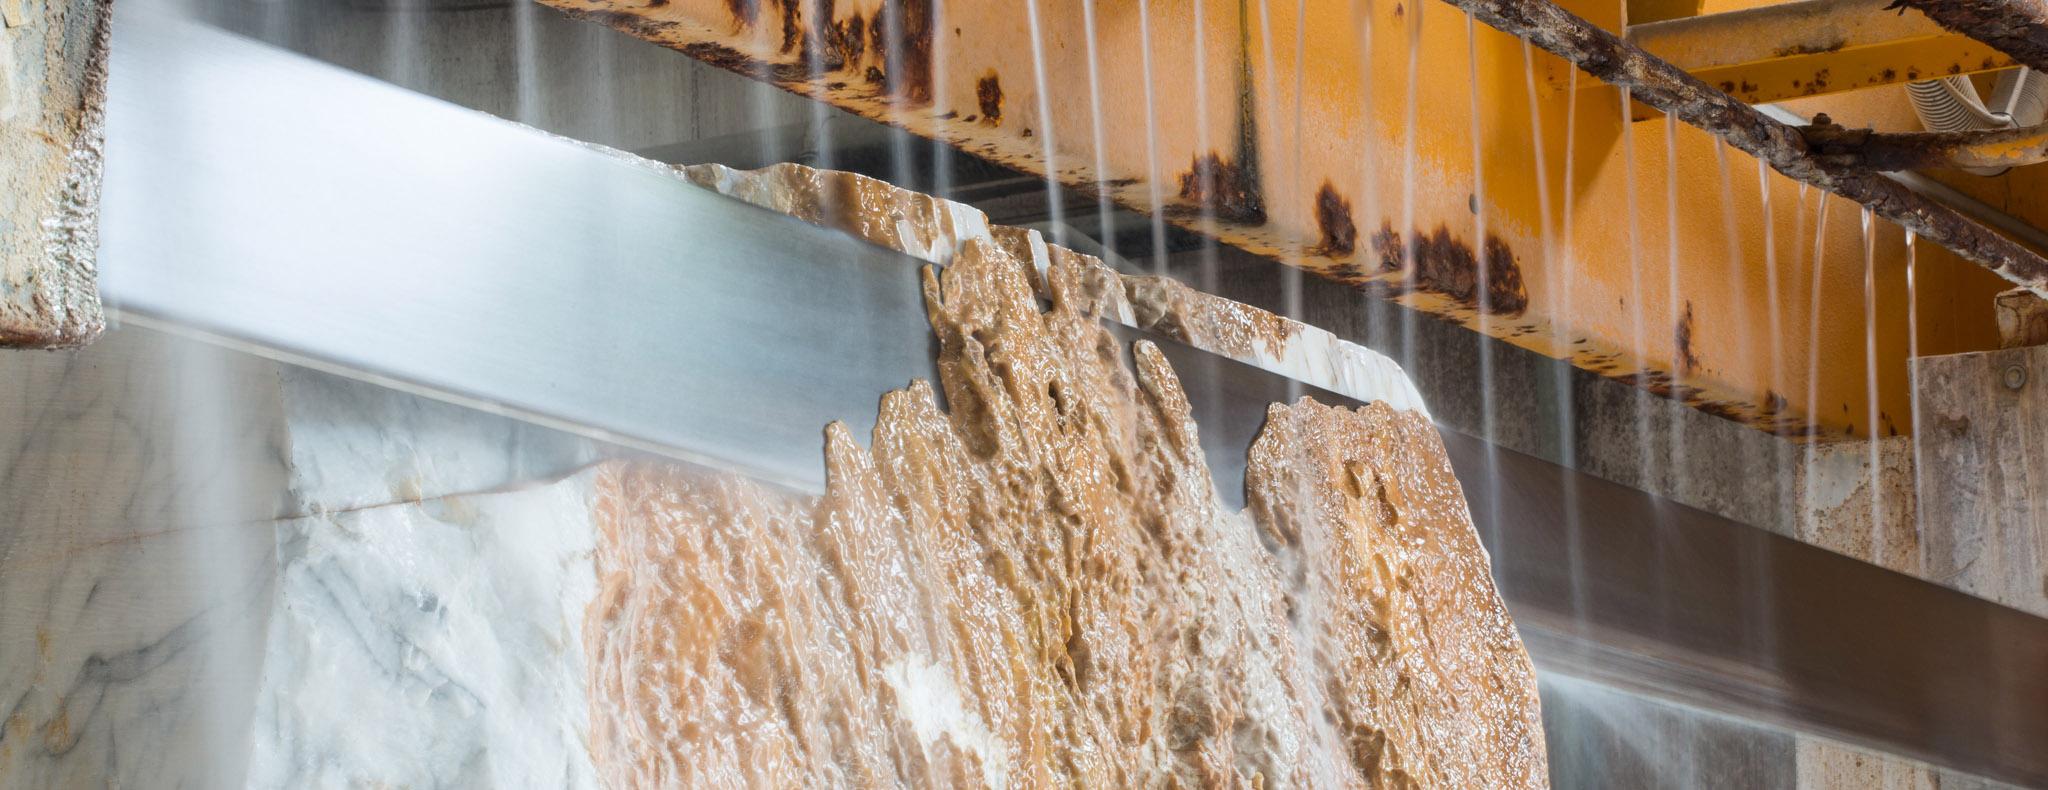 Производство натурального камня оникс